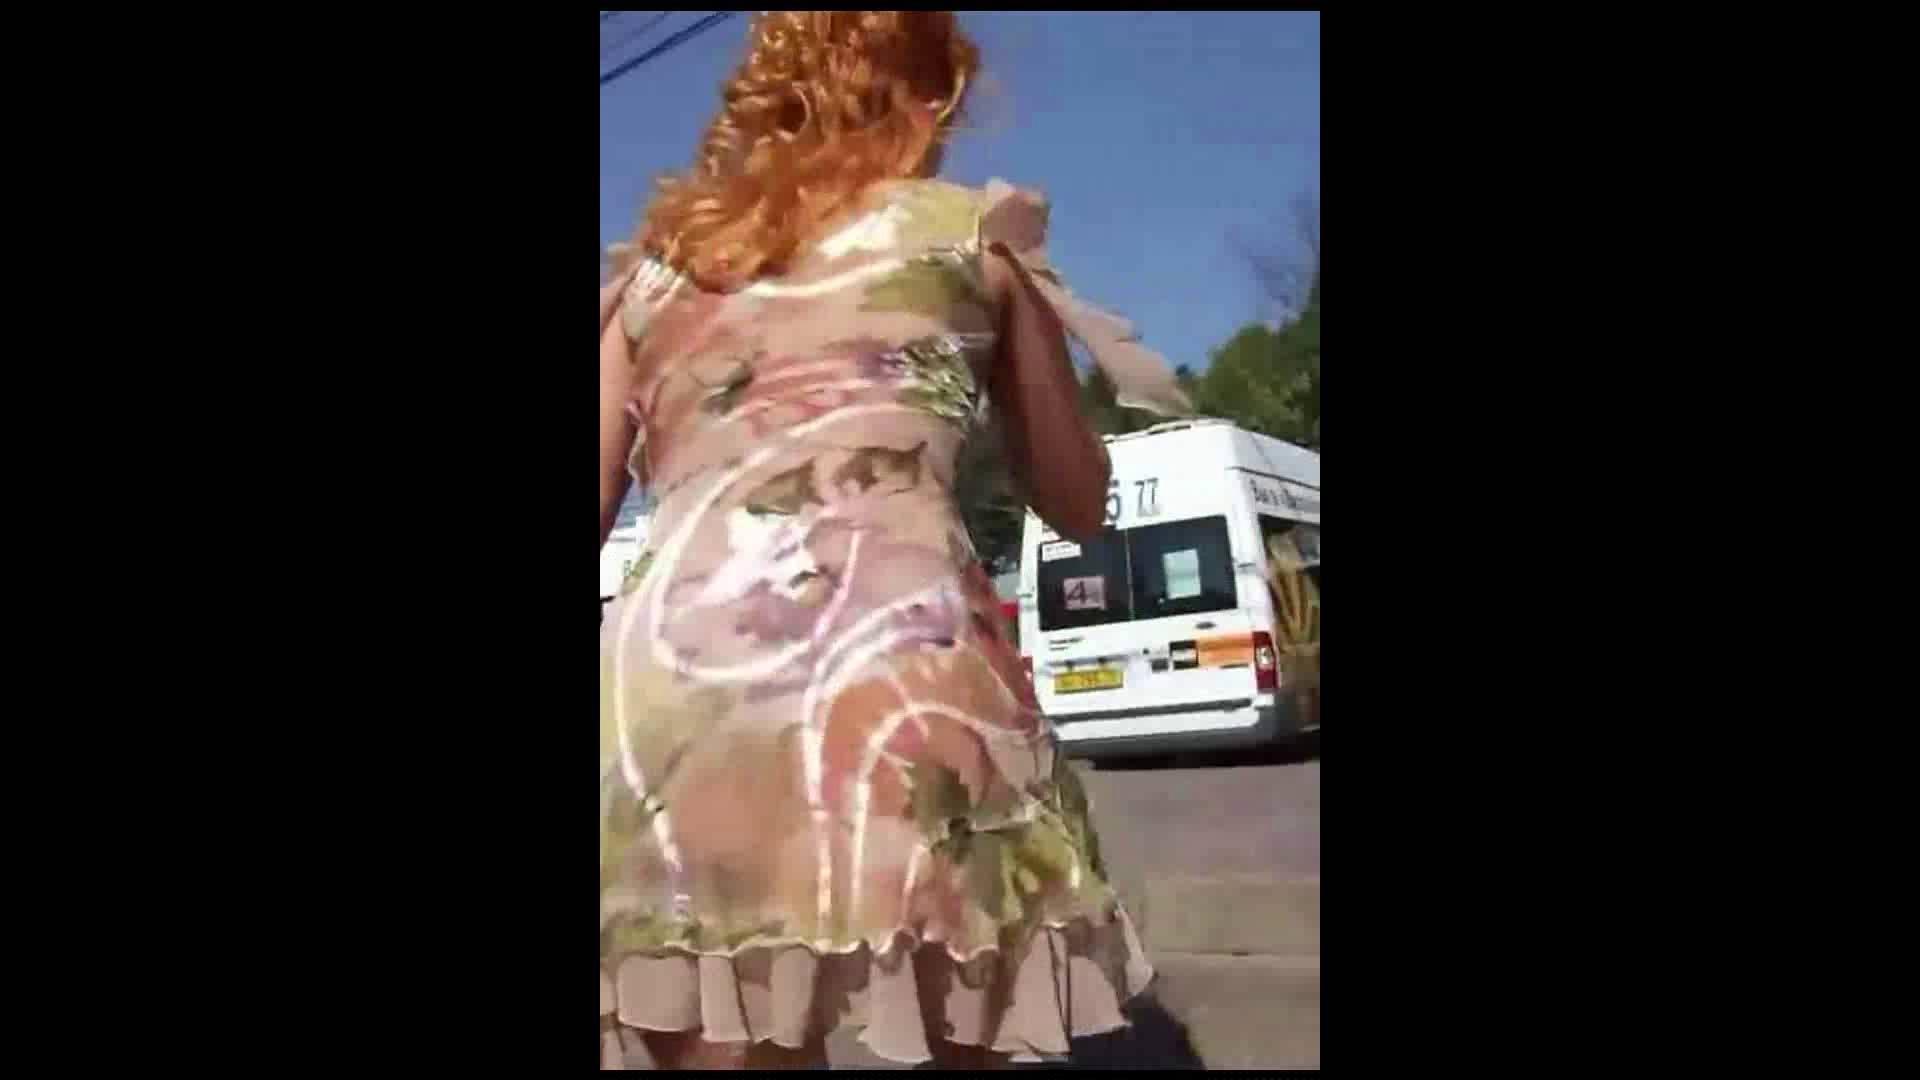 綺麗なモデルさんのスカート捲っちゃおう‼vol03 Hなお姉さん  98pic 60